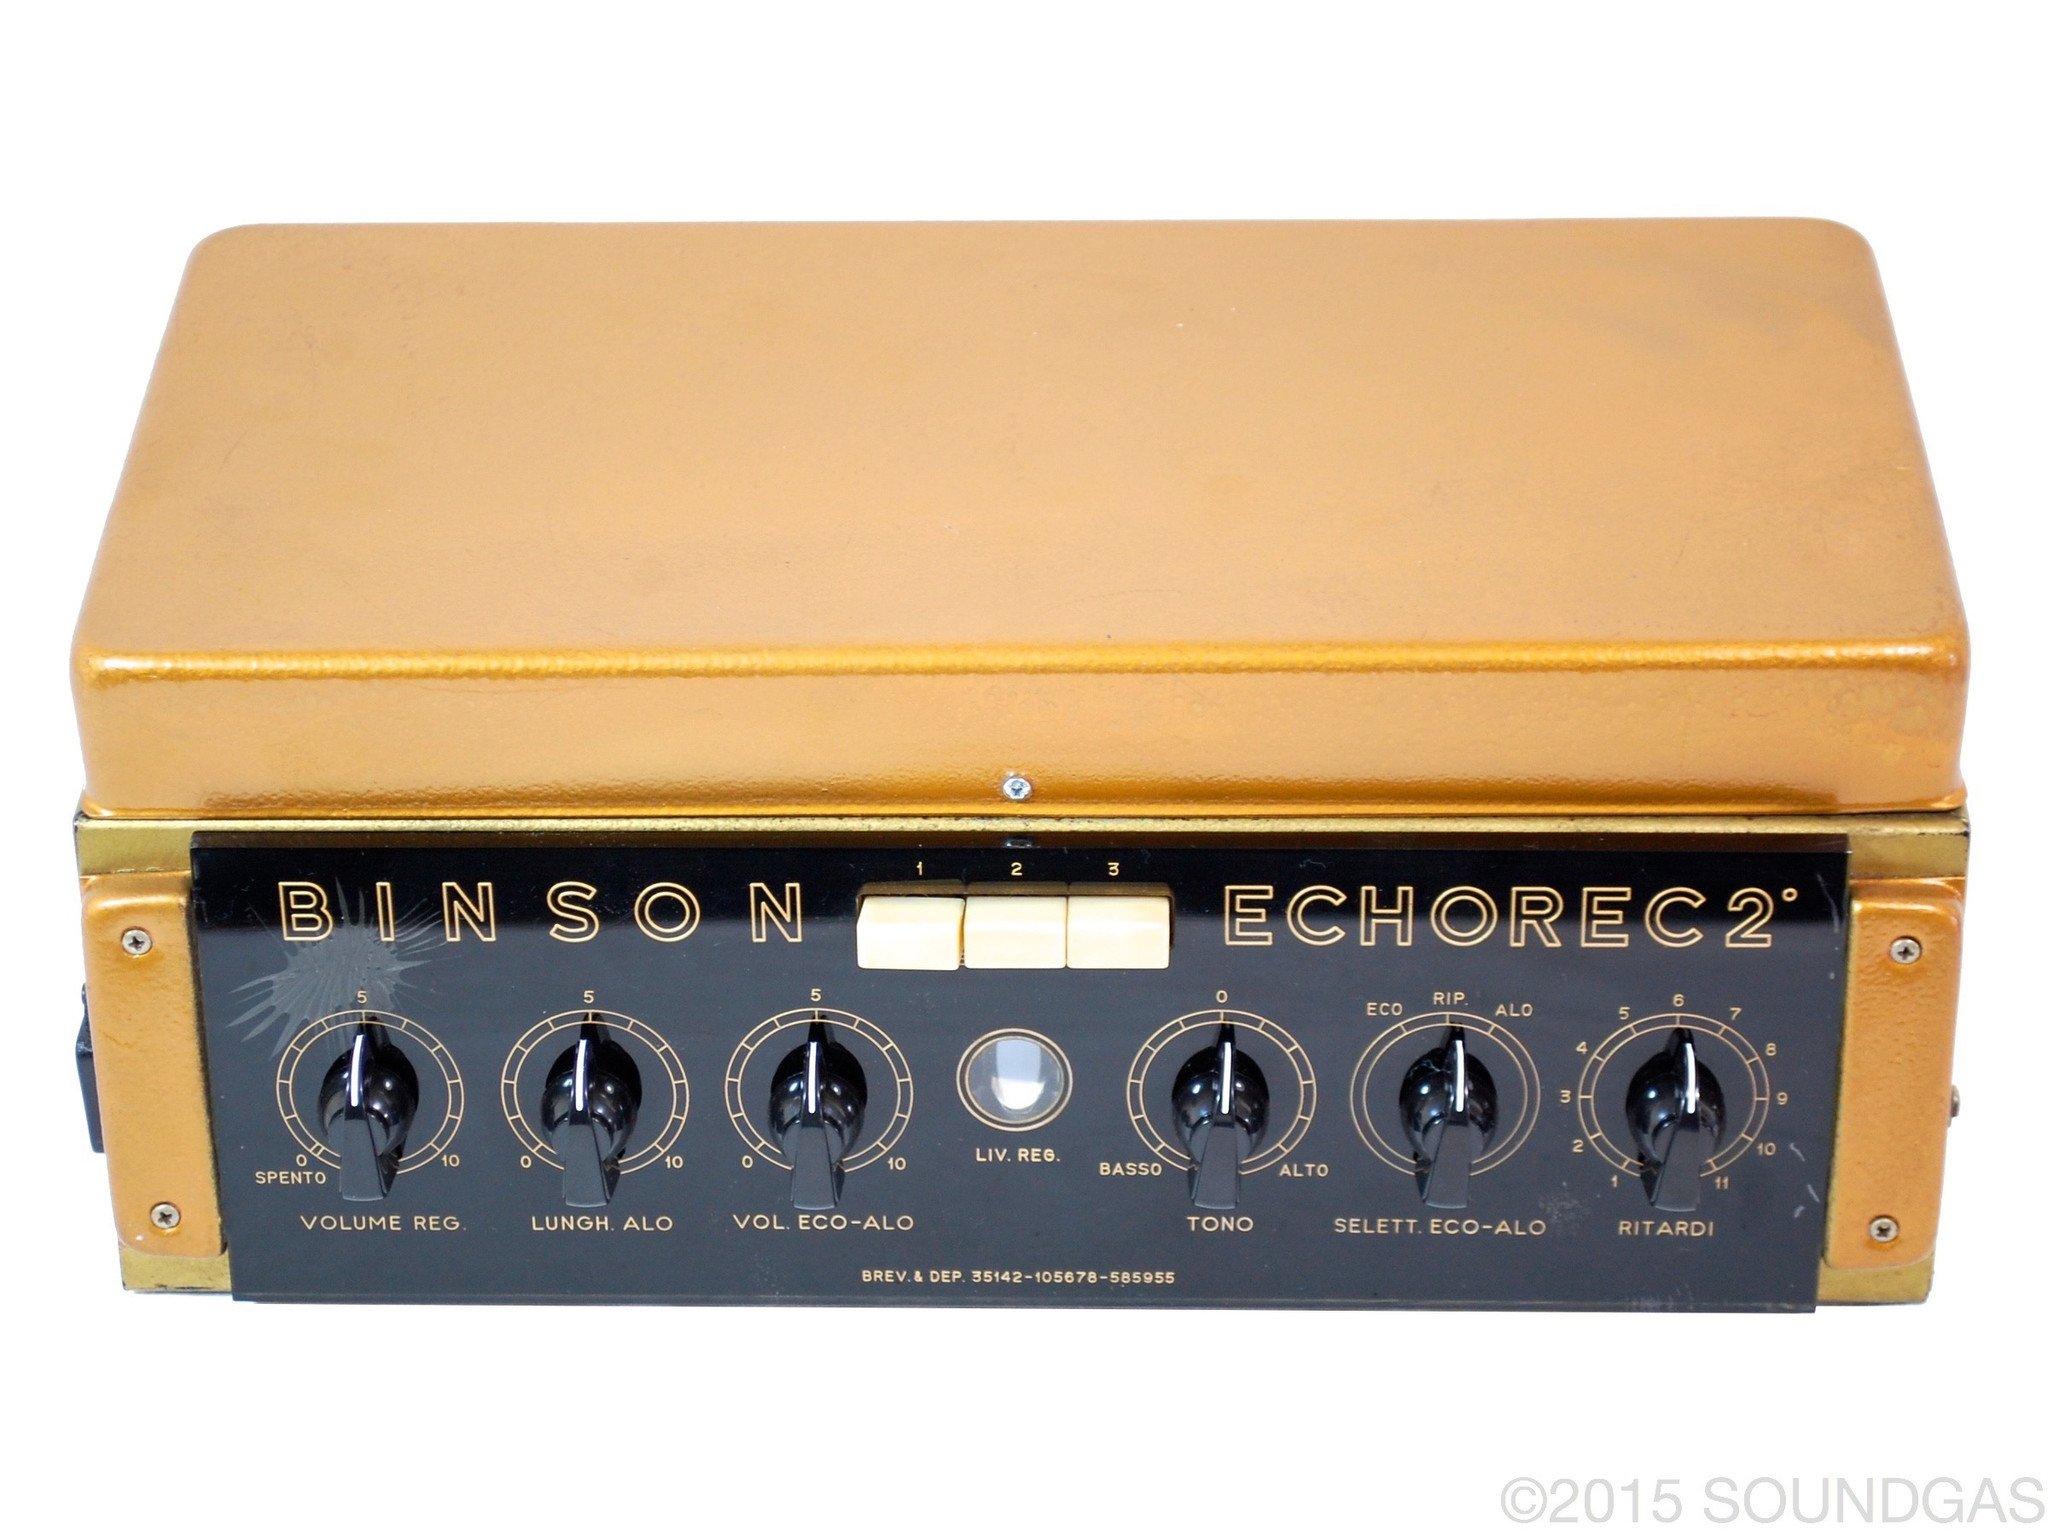 Binson Echorec 2 T7E (Cover)